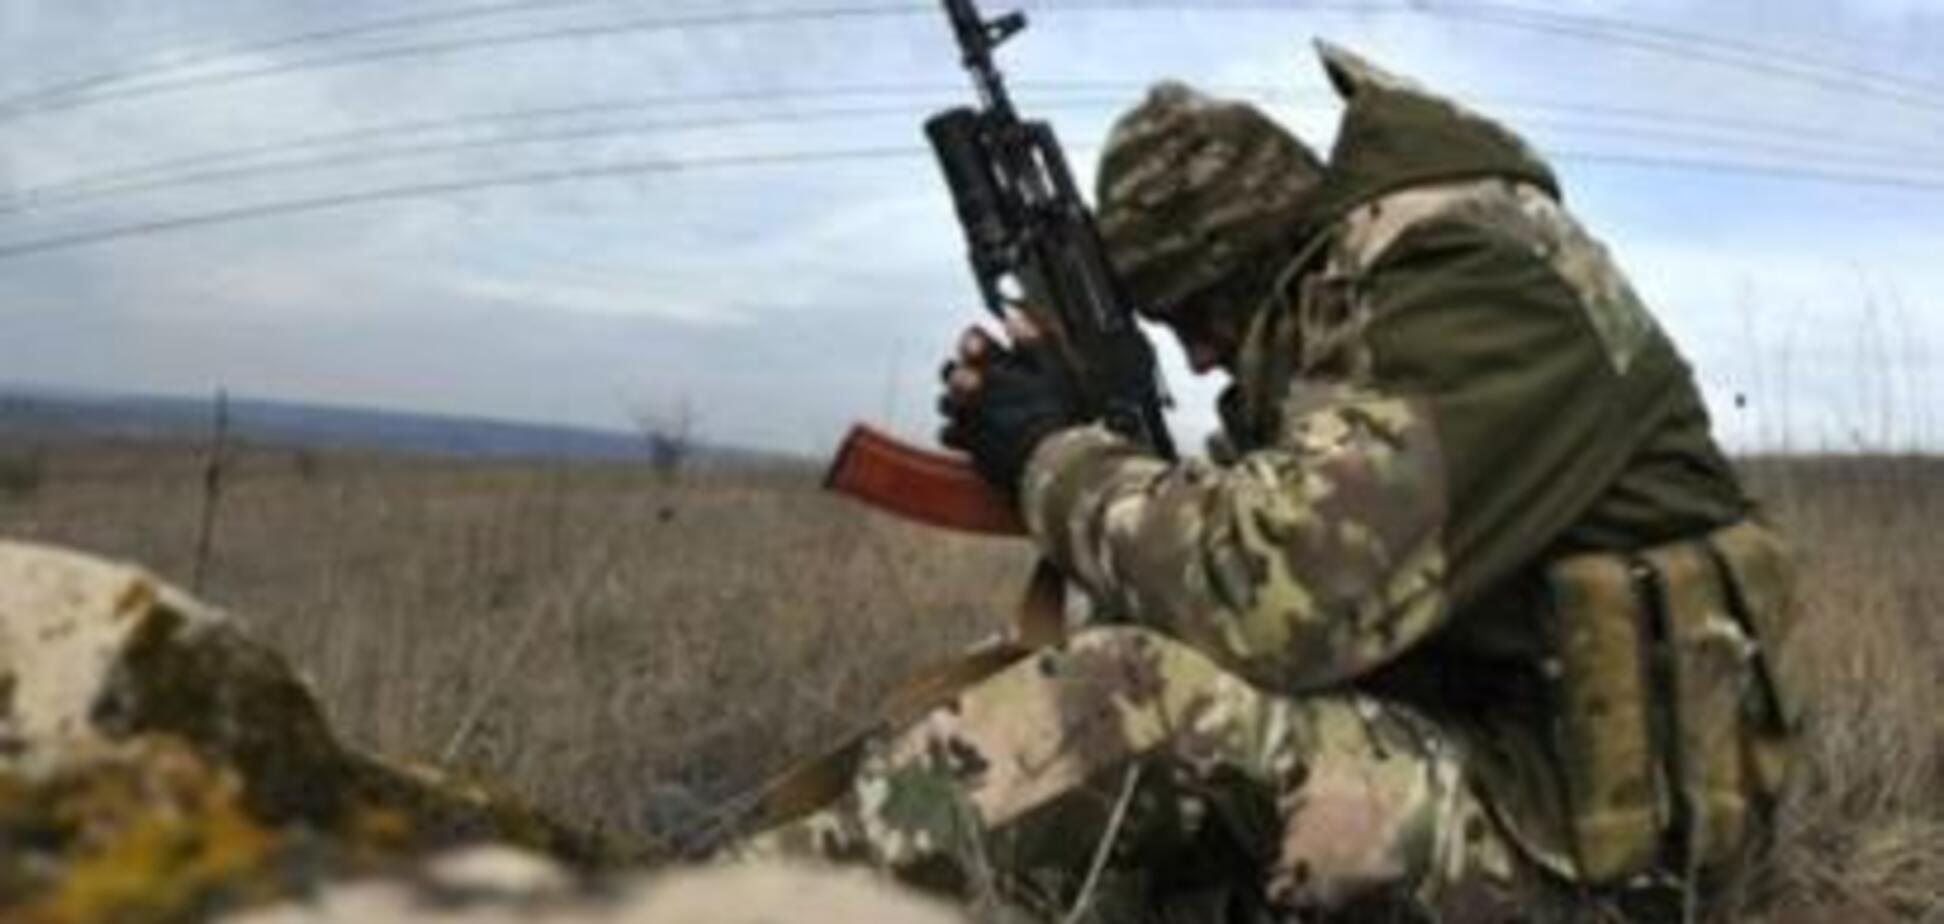 Ничего святого: на Донбассе на Крещение убили воина ВСУ